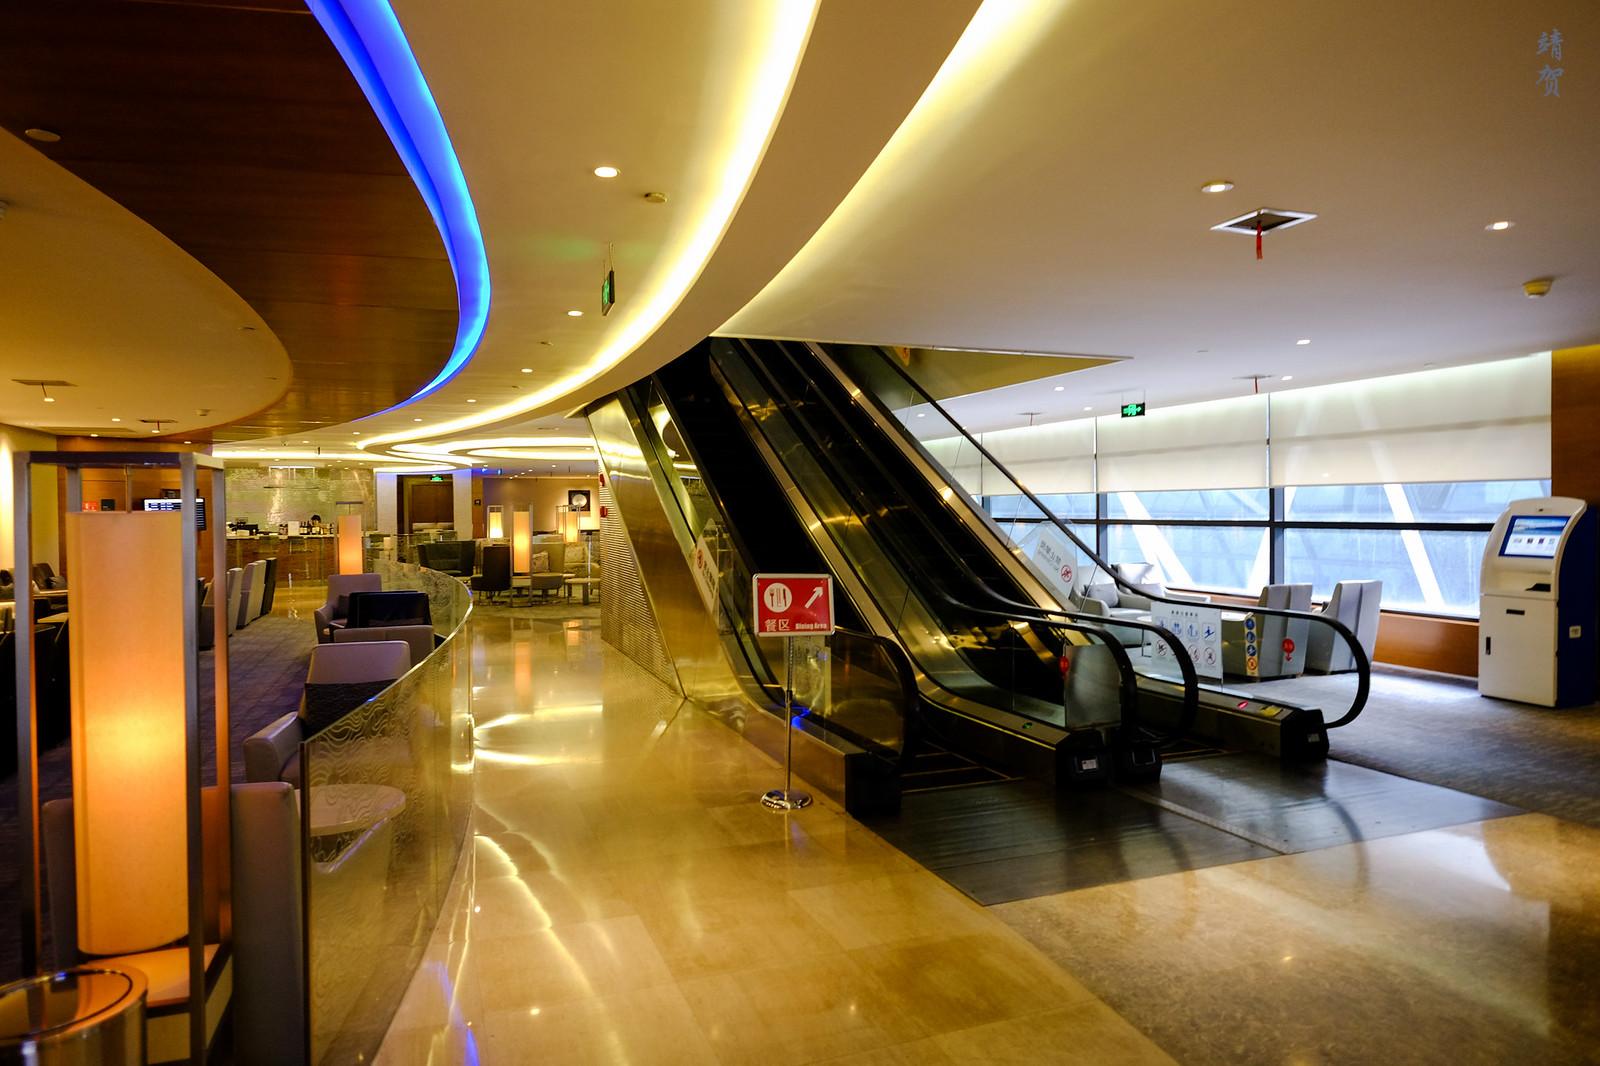 Escalators to the 2nd floor